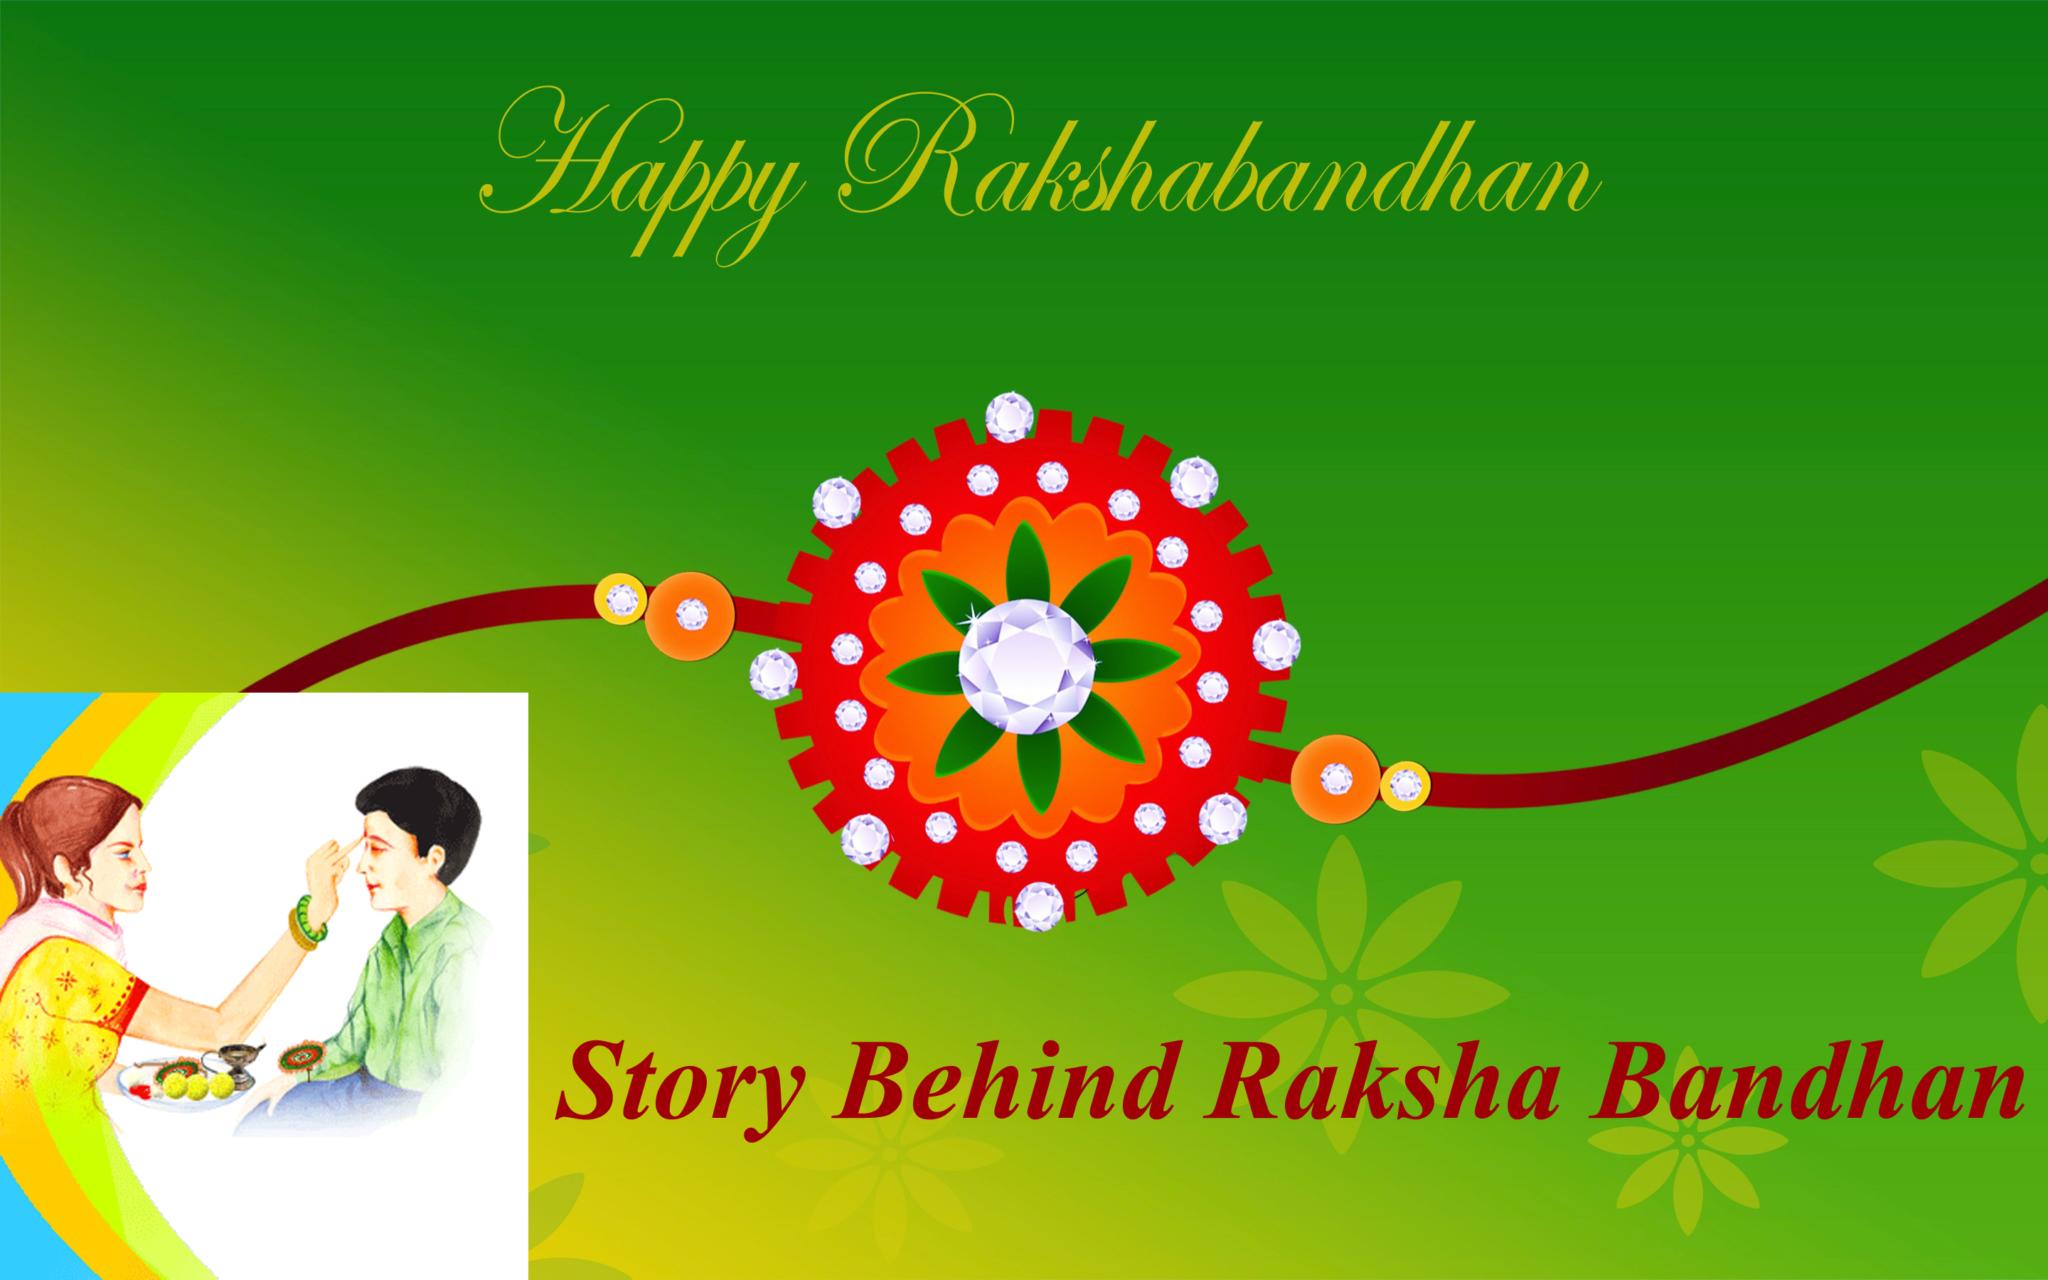 Story Behing Raksha Bandhan